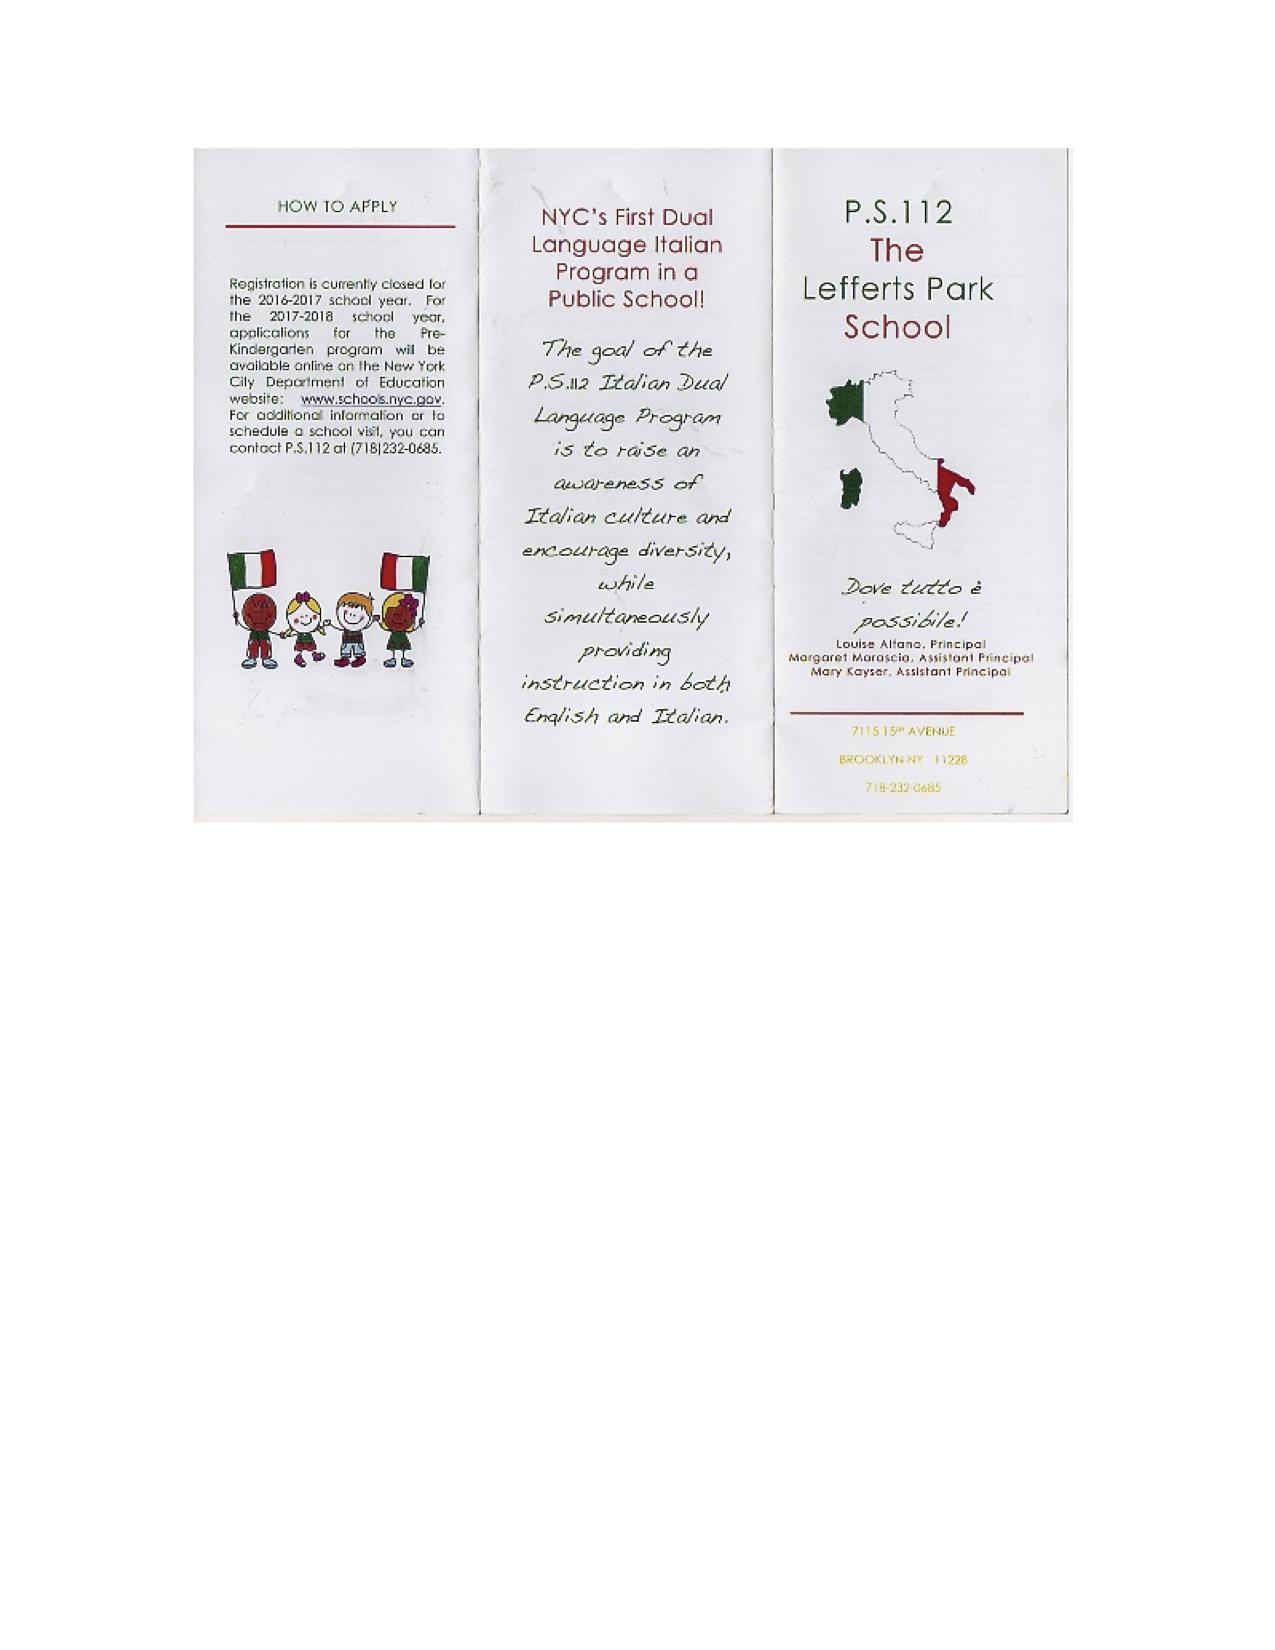 PS112 (Lefferts Park - Brooklyn) - PS112 ha un programma bilingue da diversi anni (PreK fino a 2nd grade per l'anno scolastico 2018-19).La scuola si trova al 7115 15th Avenue, Brooklyn, NY 11228. Per visitare la scuola, chiamare il 718 - 232 0685.